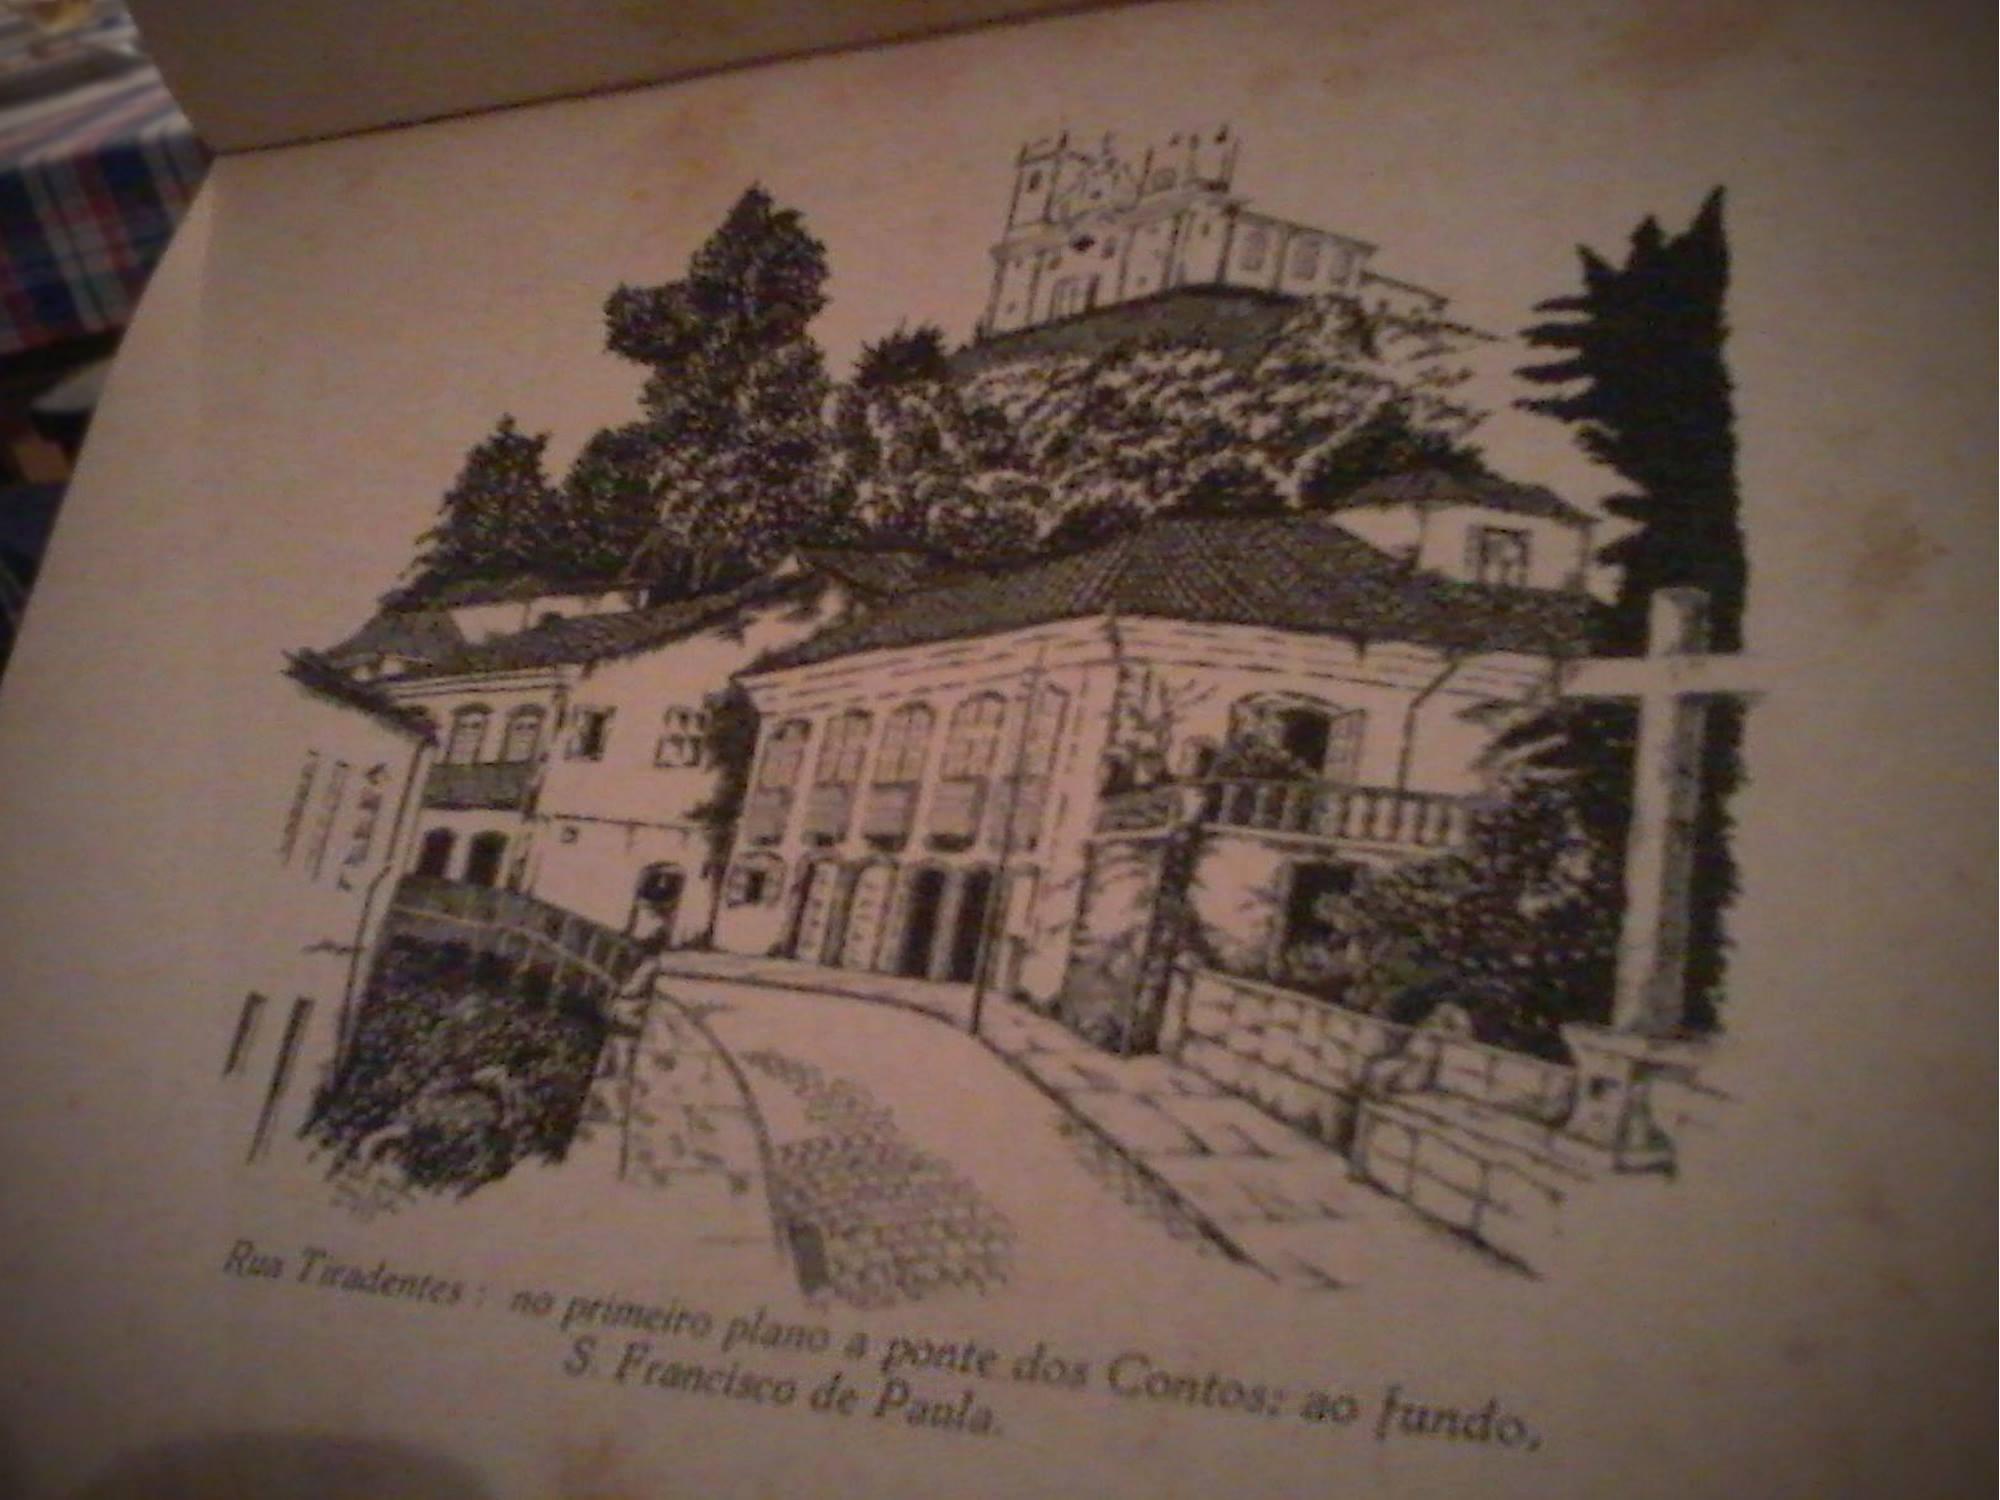 A fachada do Hotel Tóffolo no livro de desenhos de Manuel Bandeira. Crédito: Guilherme Aguiar